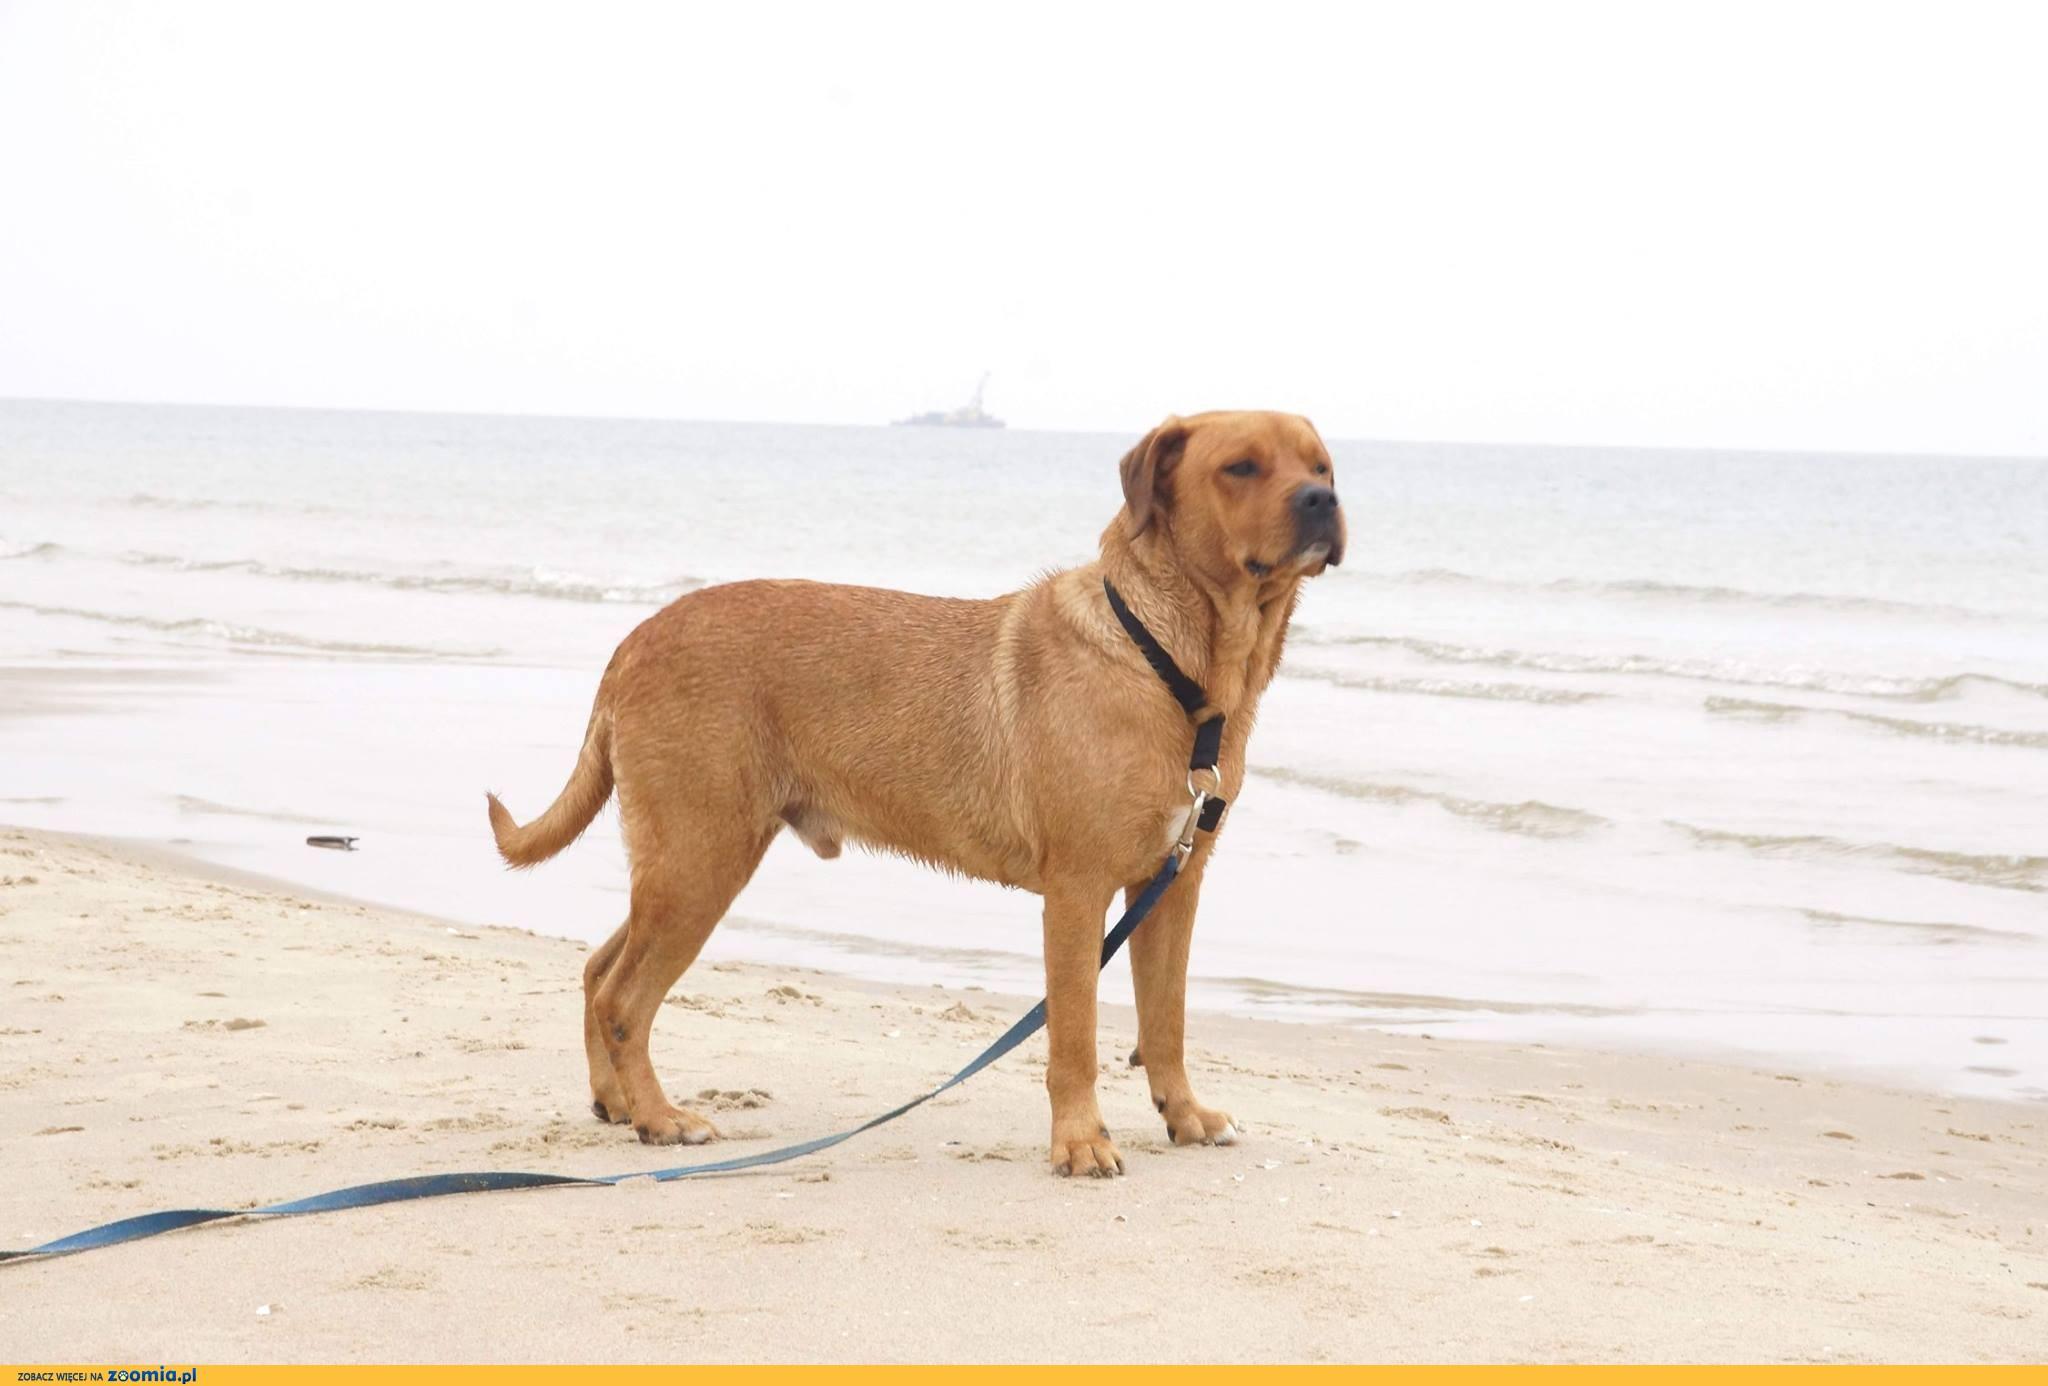 Chucky, cudowny pies, młody wychowany, pozytywny!